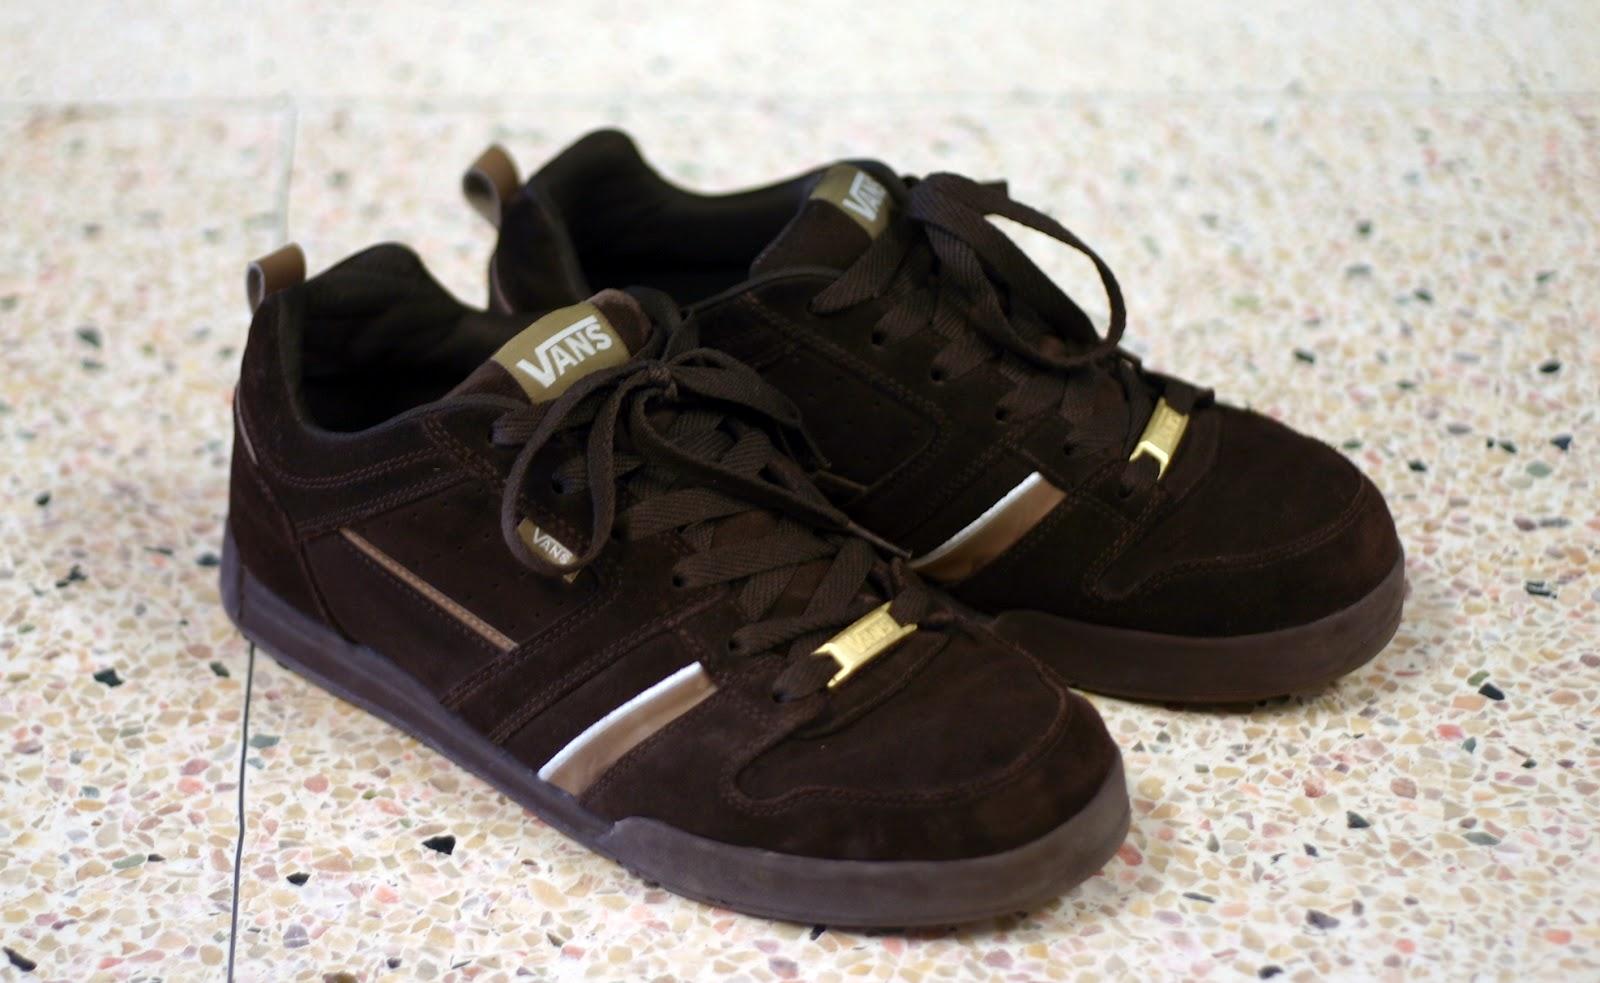 http://2.bp.blogspot.com/-uNIdo79zLJU/T4w9KzAj4mI/AAAAAAAAC8c/Wv-OG6t0L5Q/s1600/vans-shoes-black.JPG